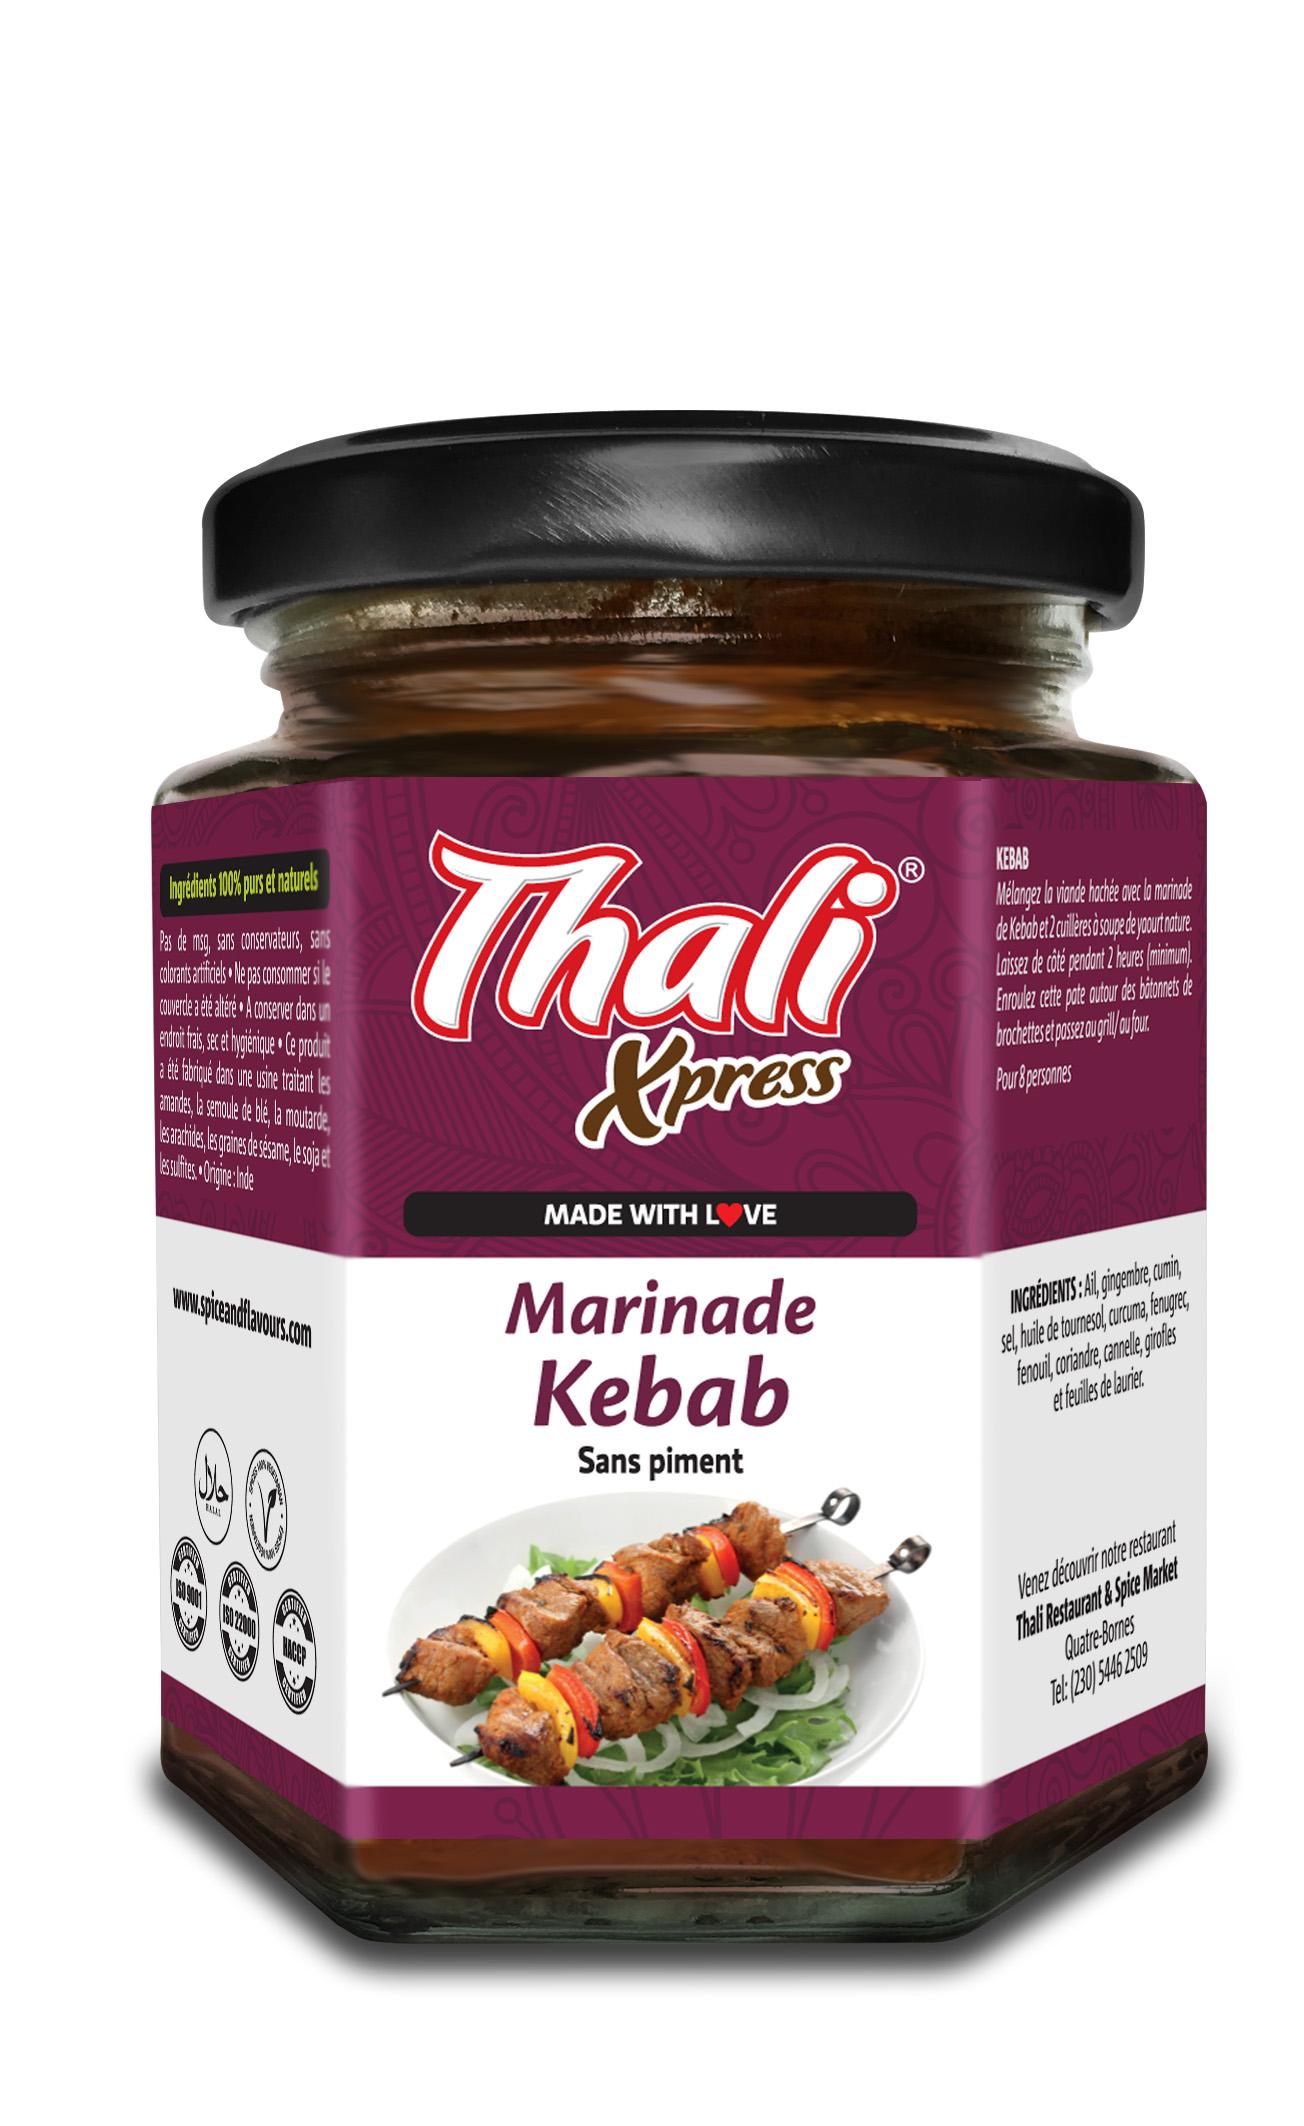 Marinade Kebab Image